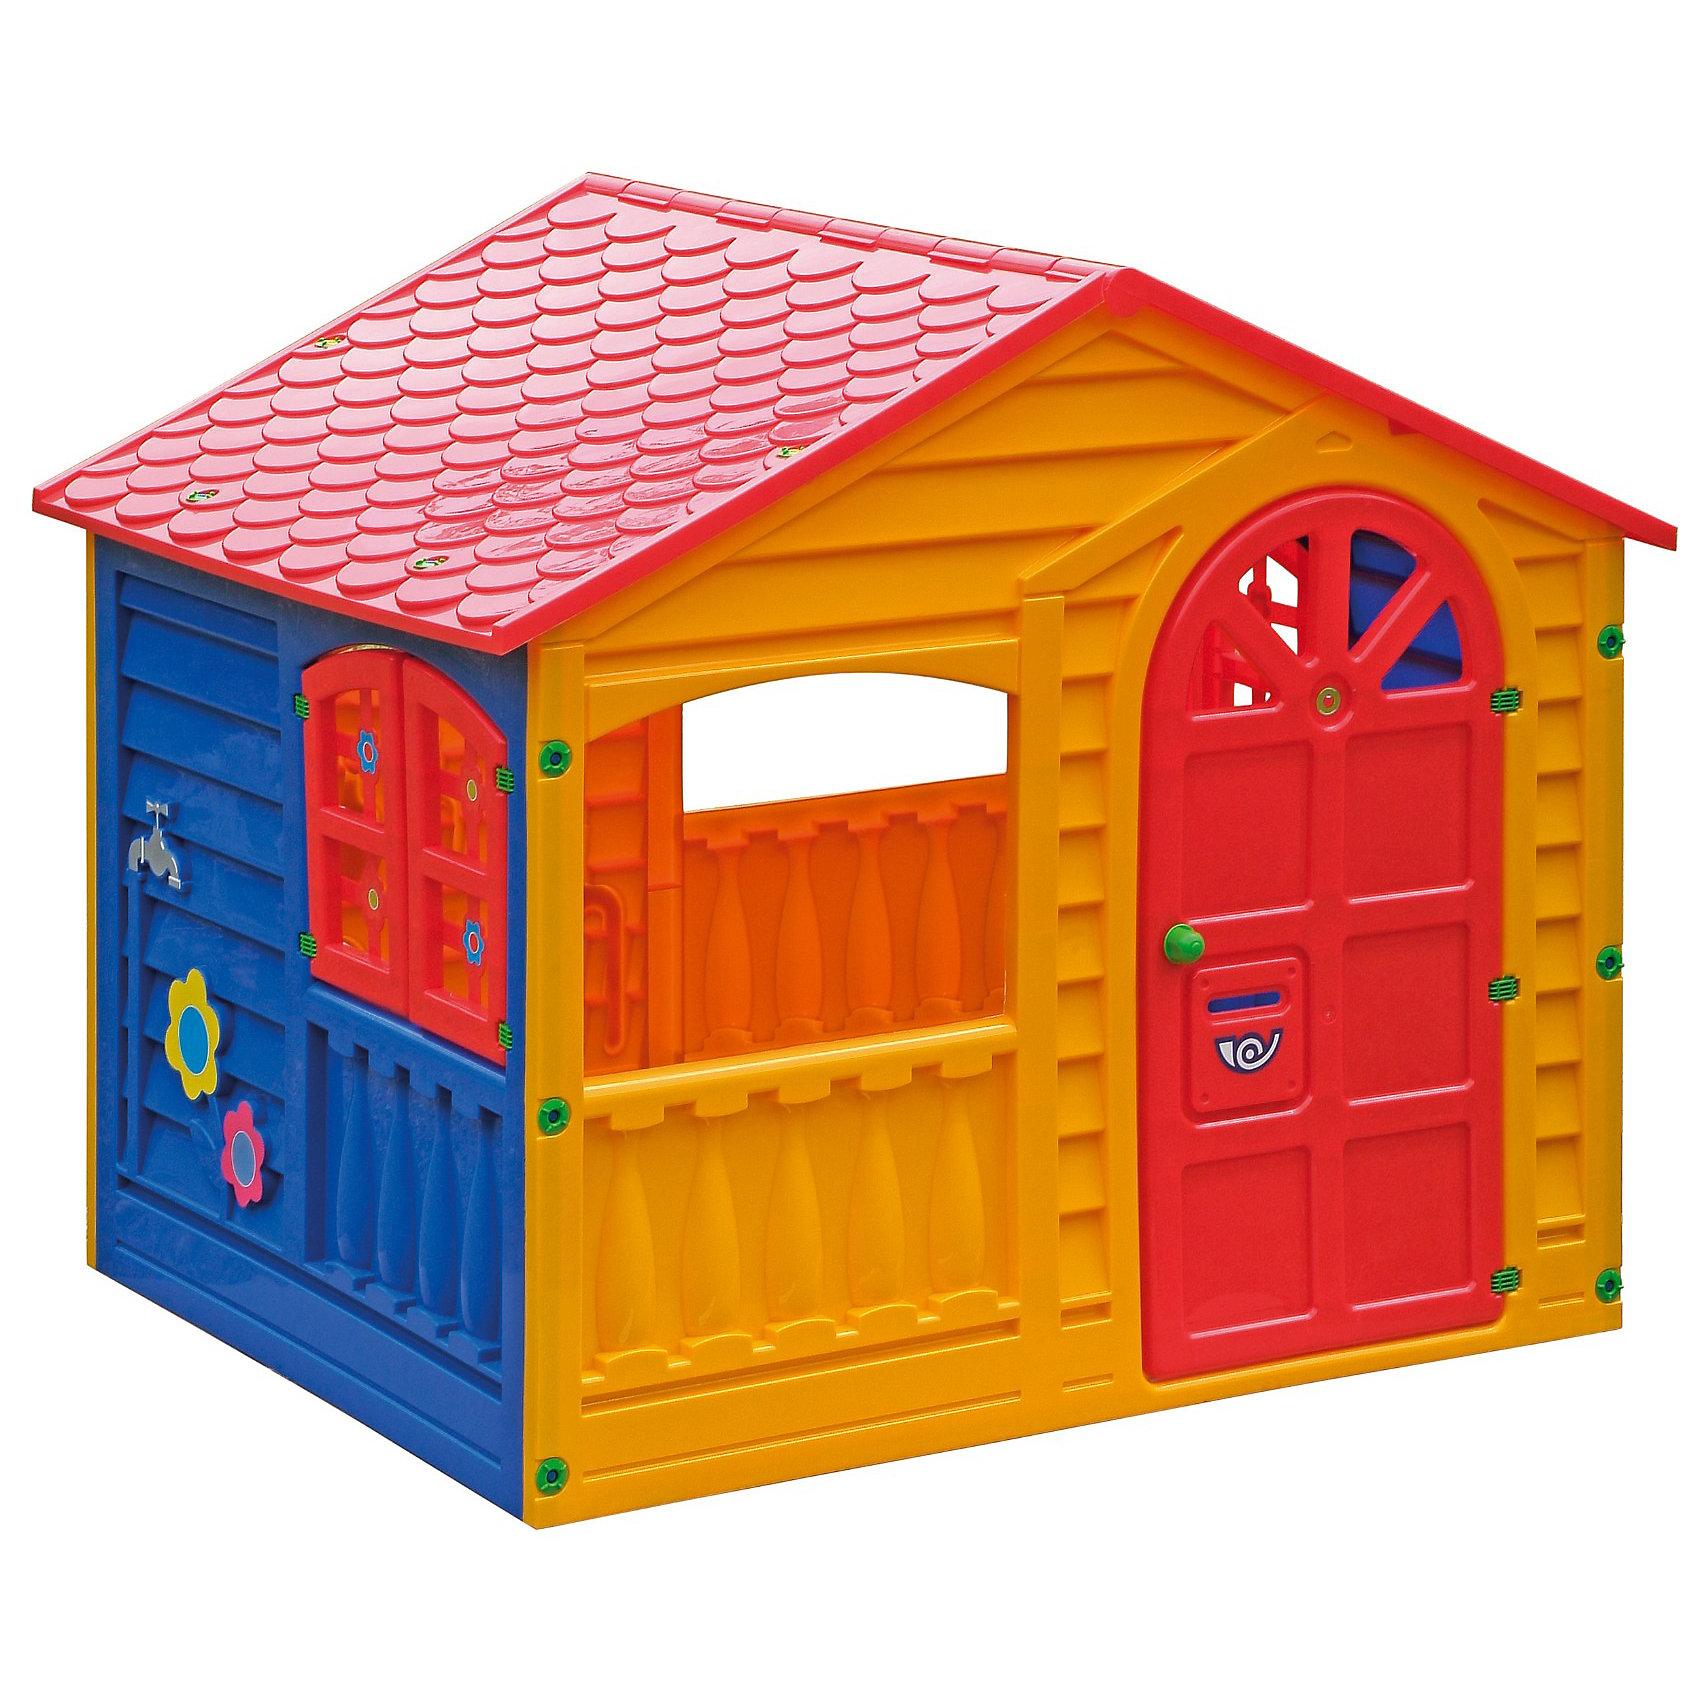 PalPlay Домик ИгровойДомики и мебель<br>Marianplast Домик Игровой- это чудесный, яркий домик, который подходит как для закрытого помещения, так и для улицы.<br><br>Яркие цвета домика очень нравятся детям. Конструкция домика очень надежная и устойчивая.<br>Домик быстро и легко собирается, специальные инструменты для сборки не требуются. Отдельные детали крепятся между собой при помощи пластиковых гаек, которые входят в комплект. <br>Домик выполнен из гипоаллергенного пластика, устойчивого к выцветанию с соблюдением Европейских стандартов качества для детских товаров.  <br><br>Дополнительная информация:<br><br>- Размер домика 130x109x115 см.<br>- Вес 18,2 кг, с упаковкой 20,29 кг.<br>- Размер упаковки 132х116х16 см.<br><br> В этом домике ваш малыш не только будет увлеченно играть, но и сможет принимать гостей. Домик стимулирует малыша к движению, развивает воображение и стратегическое мышление.<br><br>Ширина мм: 1300<br>Глубина мм: 1090<br>Высота мм: 1150<br>Вес г: 18230<br>Возраст от месяцев: 18<br>Возраст до месяцев: 144<br>Пол: Унисекс<br>Возраст: Детский<br>SKU: 2442781